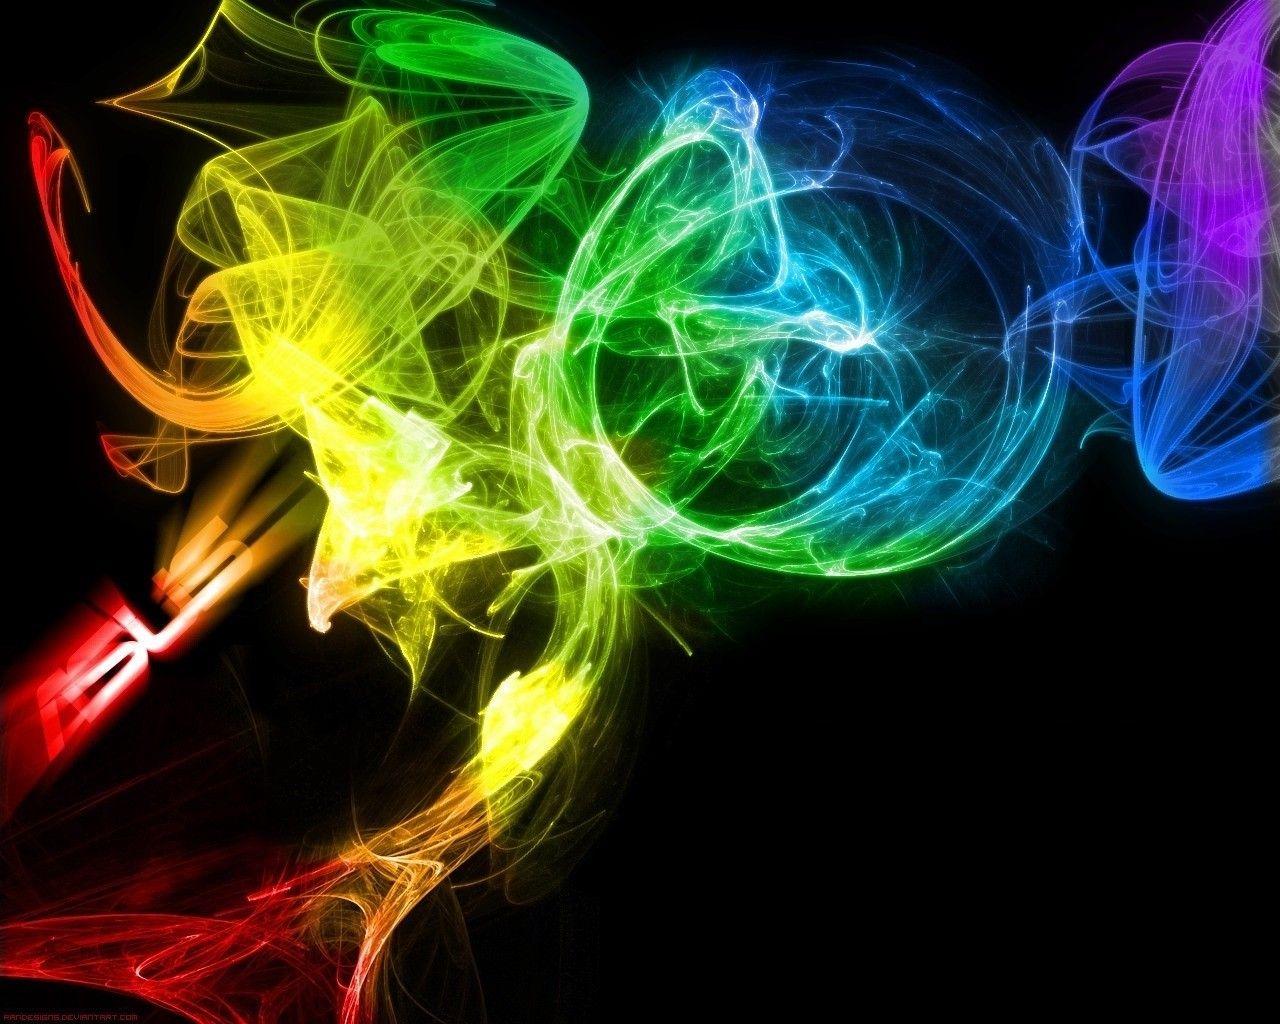 Asus Colorful Smoke Minimalism 1280x1024 Wallpaper Wallhaven Cc Wallpaper Asus Asus Wallpaper Wallpaper Keren